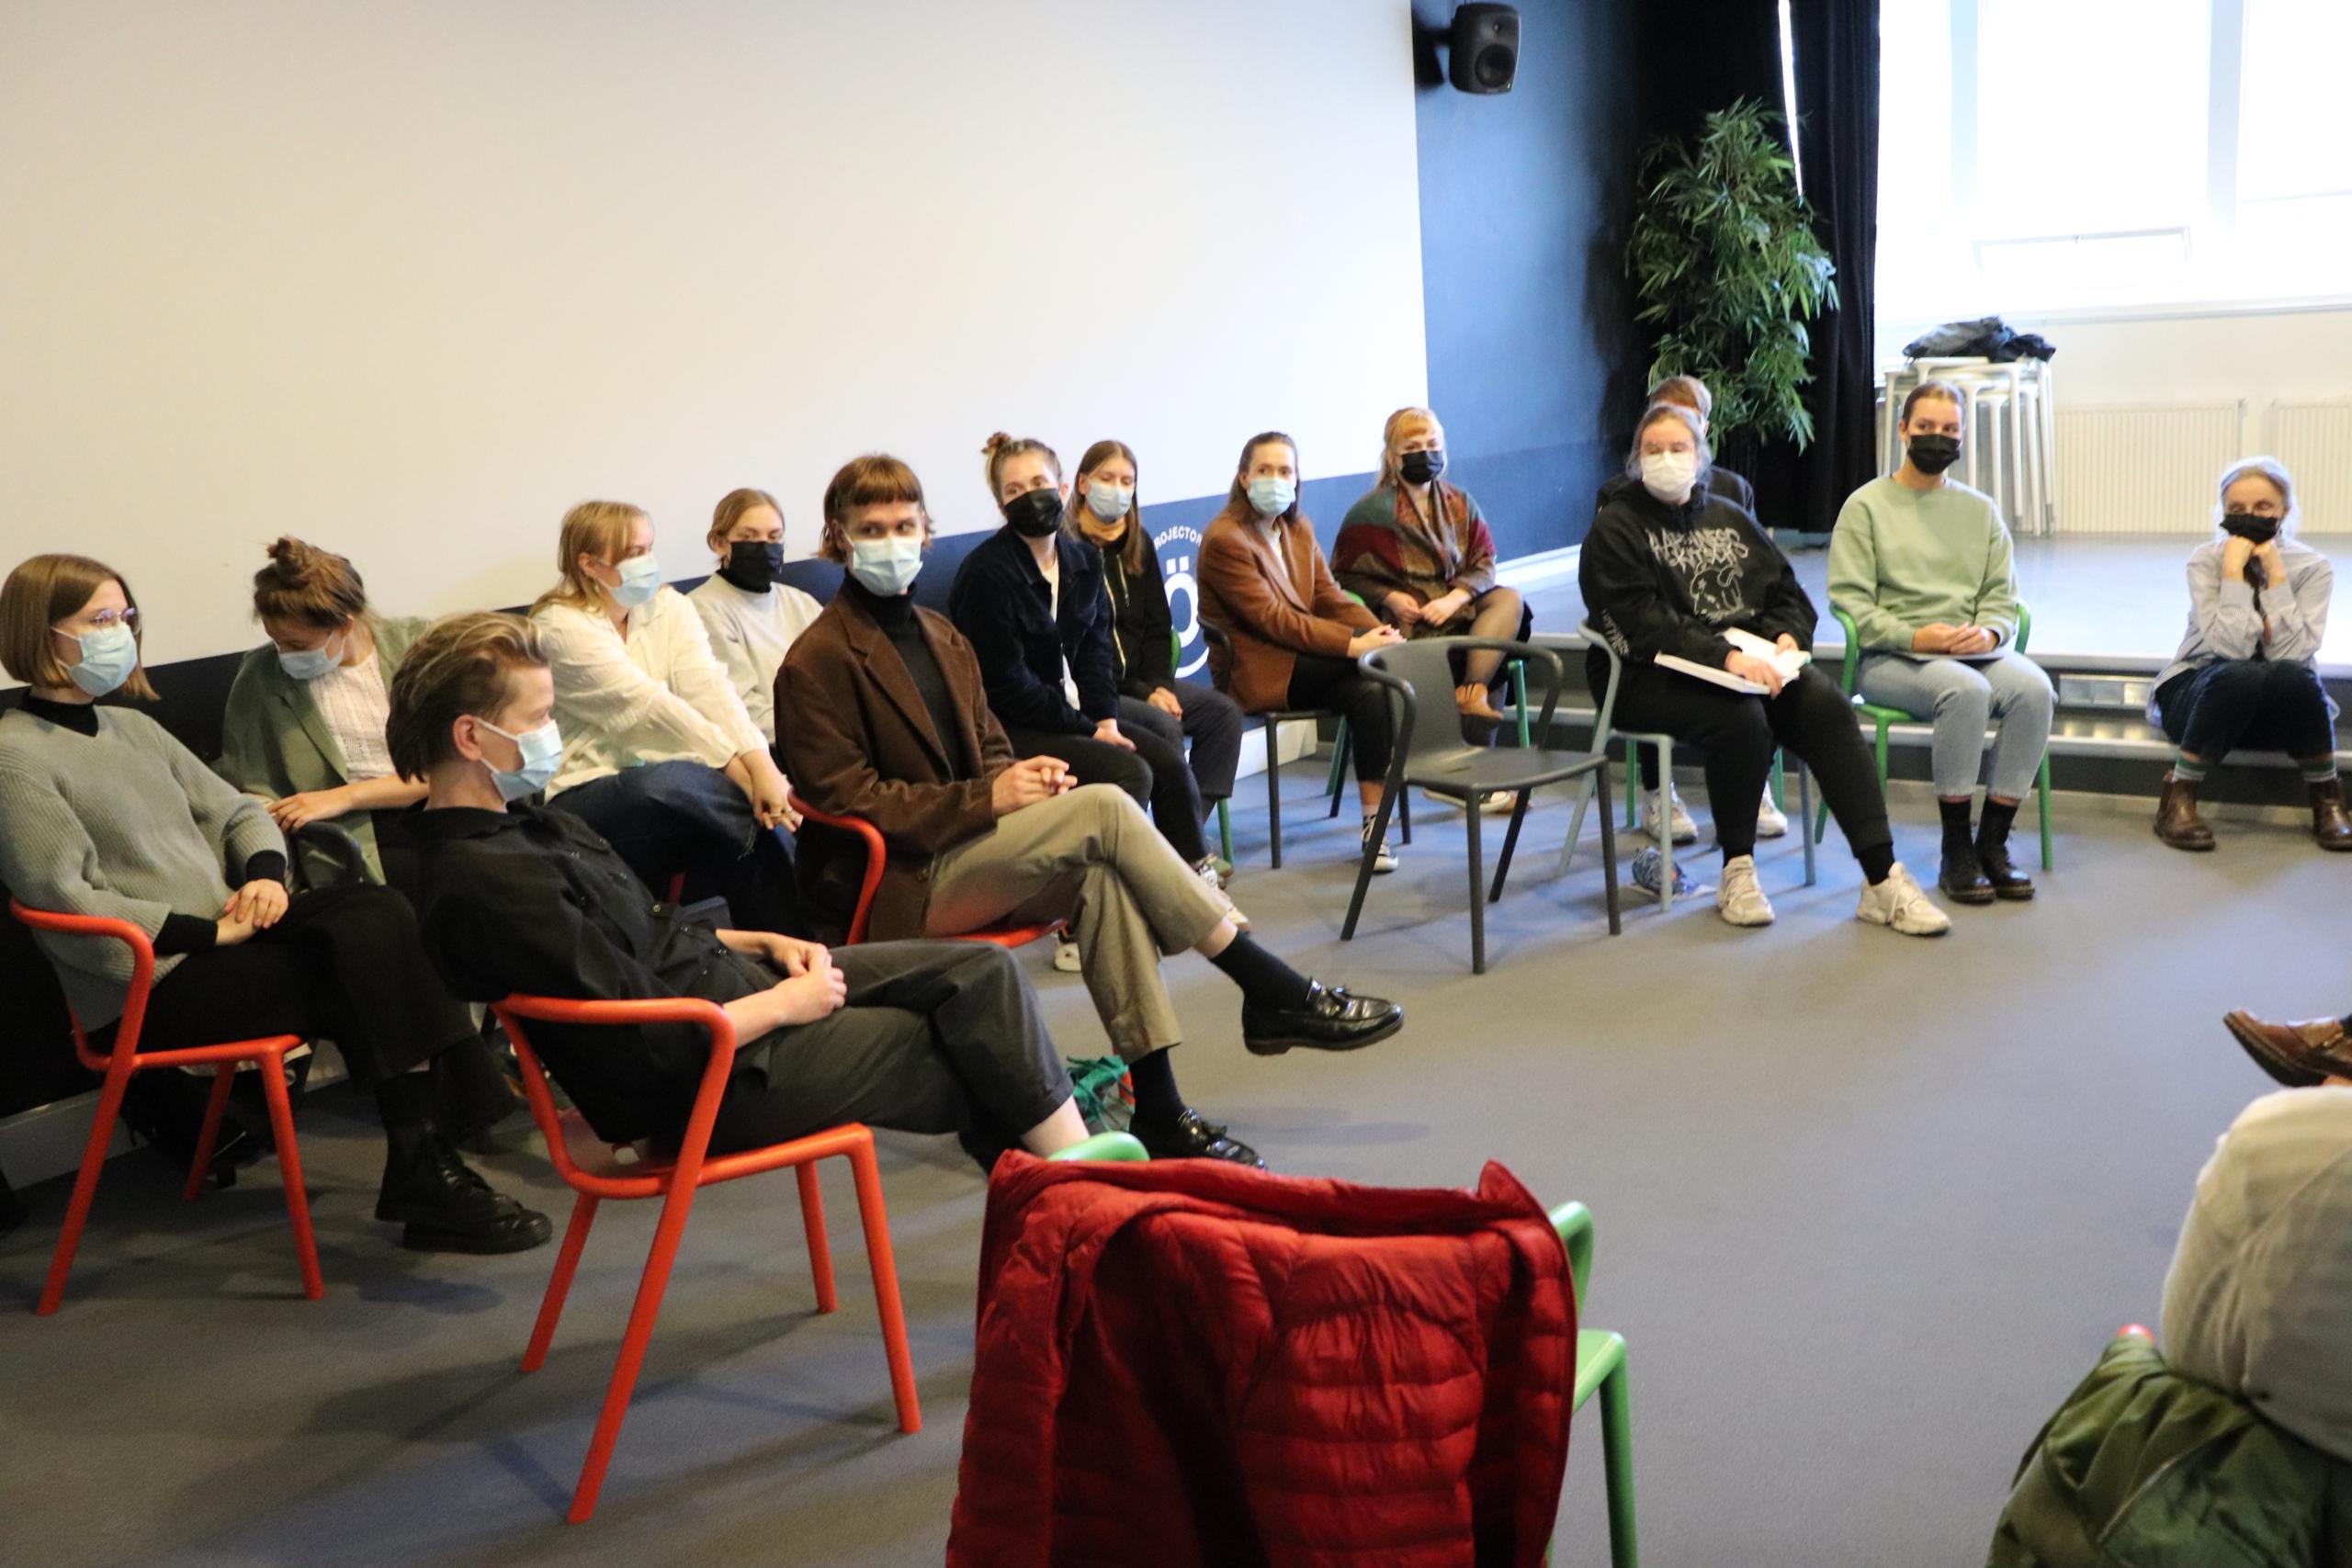 Ryhmä opiskelijoita ja heidän opettajansa istuu tuoleilla ja keskustelee.